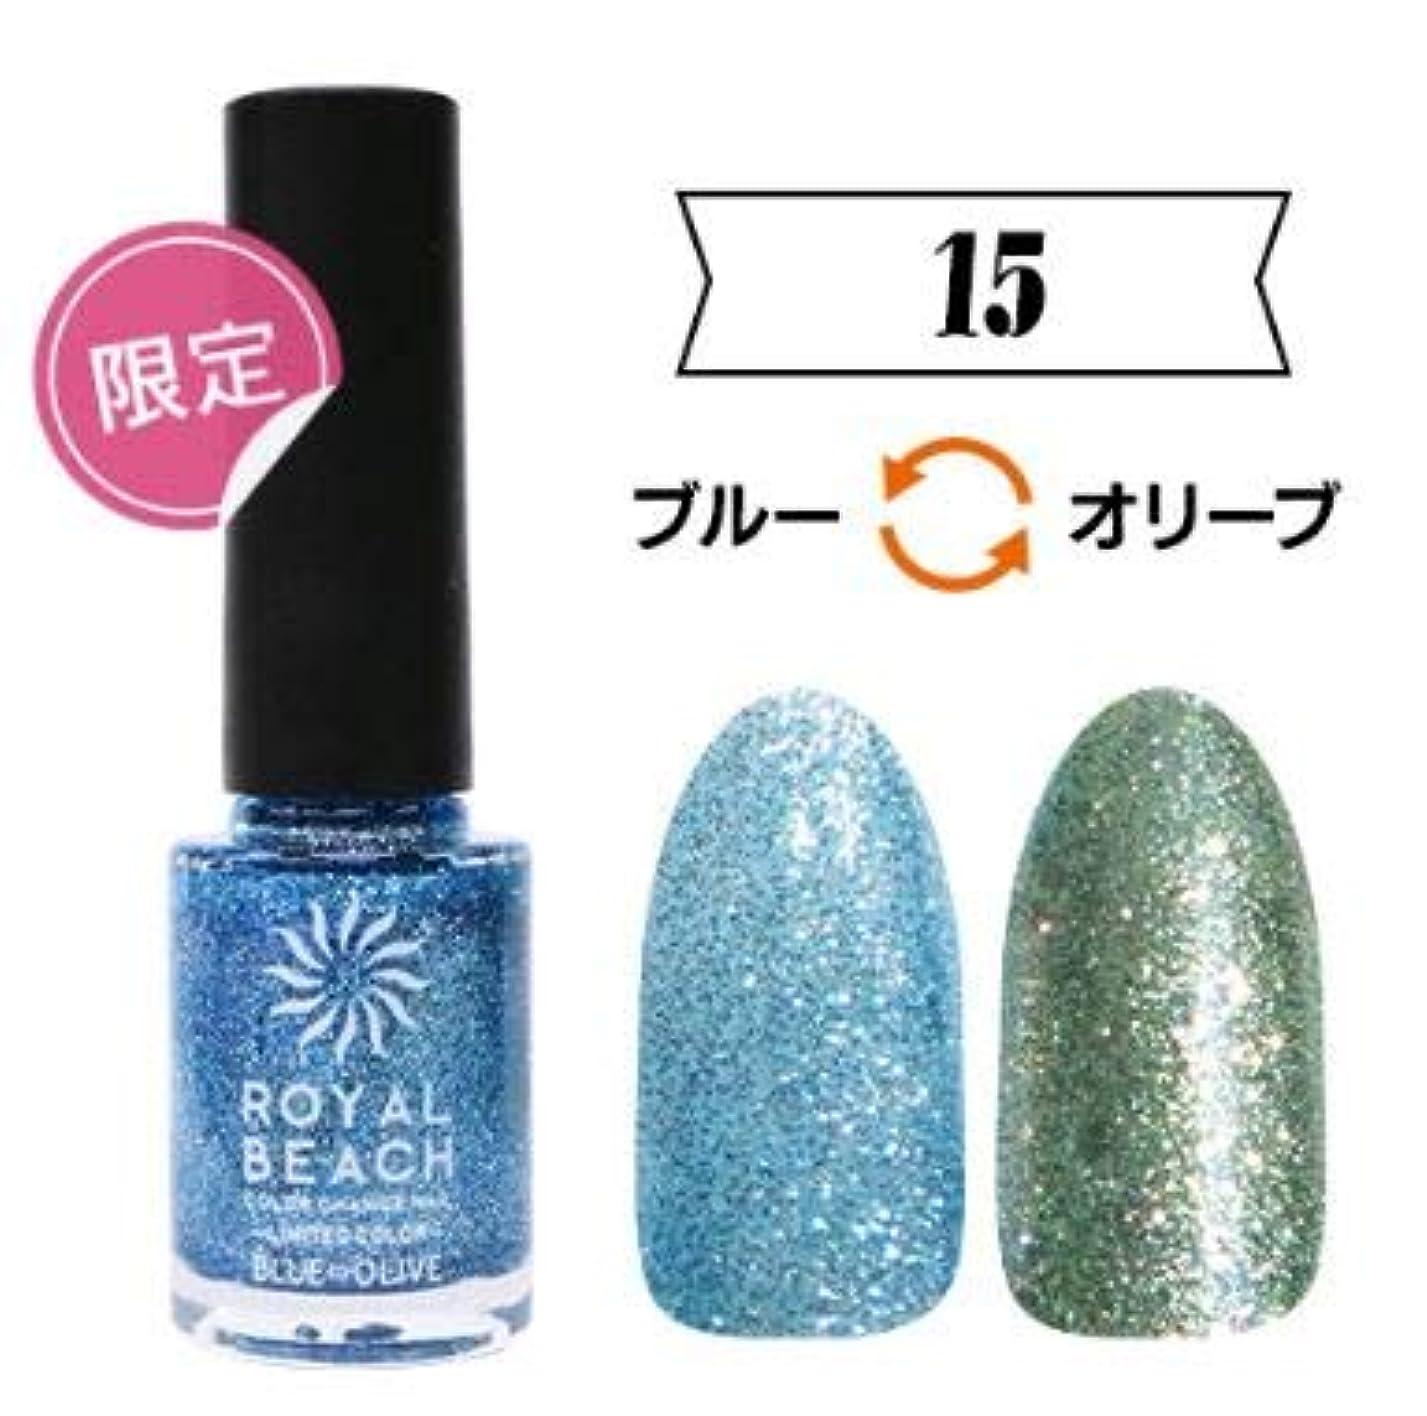 ROYALBEACH ロイヤルビーチ カラーチェンジネイル 8ml 太陽光で色が変わるマニキュア 限定色 (【限定】ブルー&オリーブ)